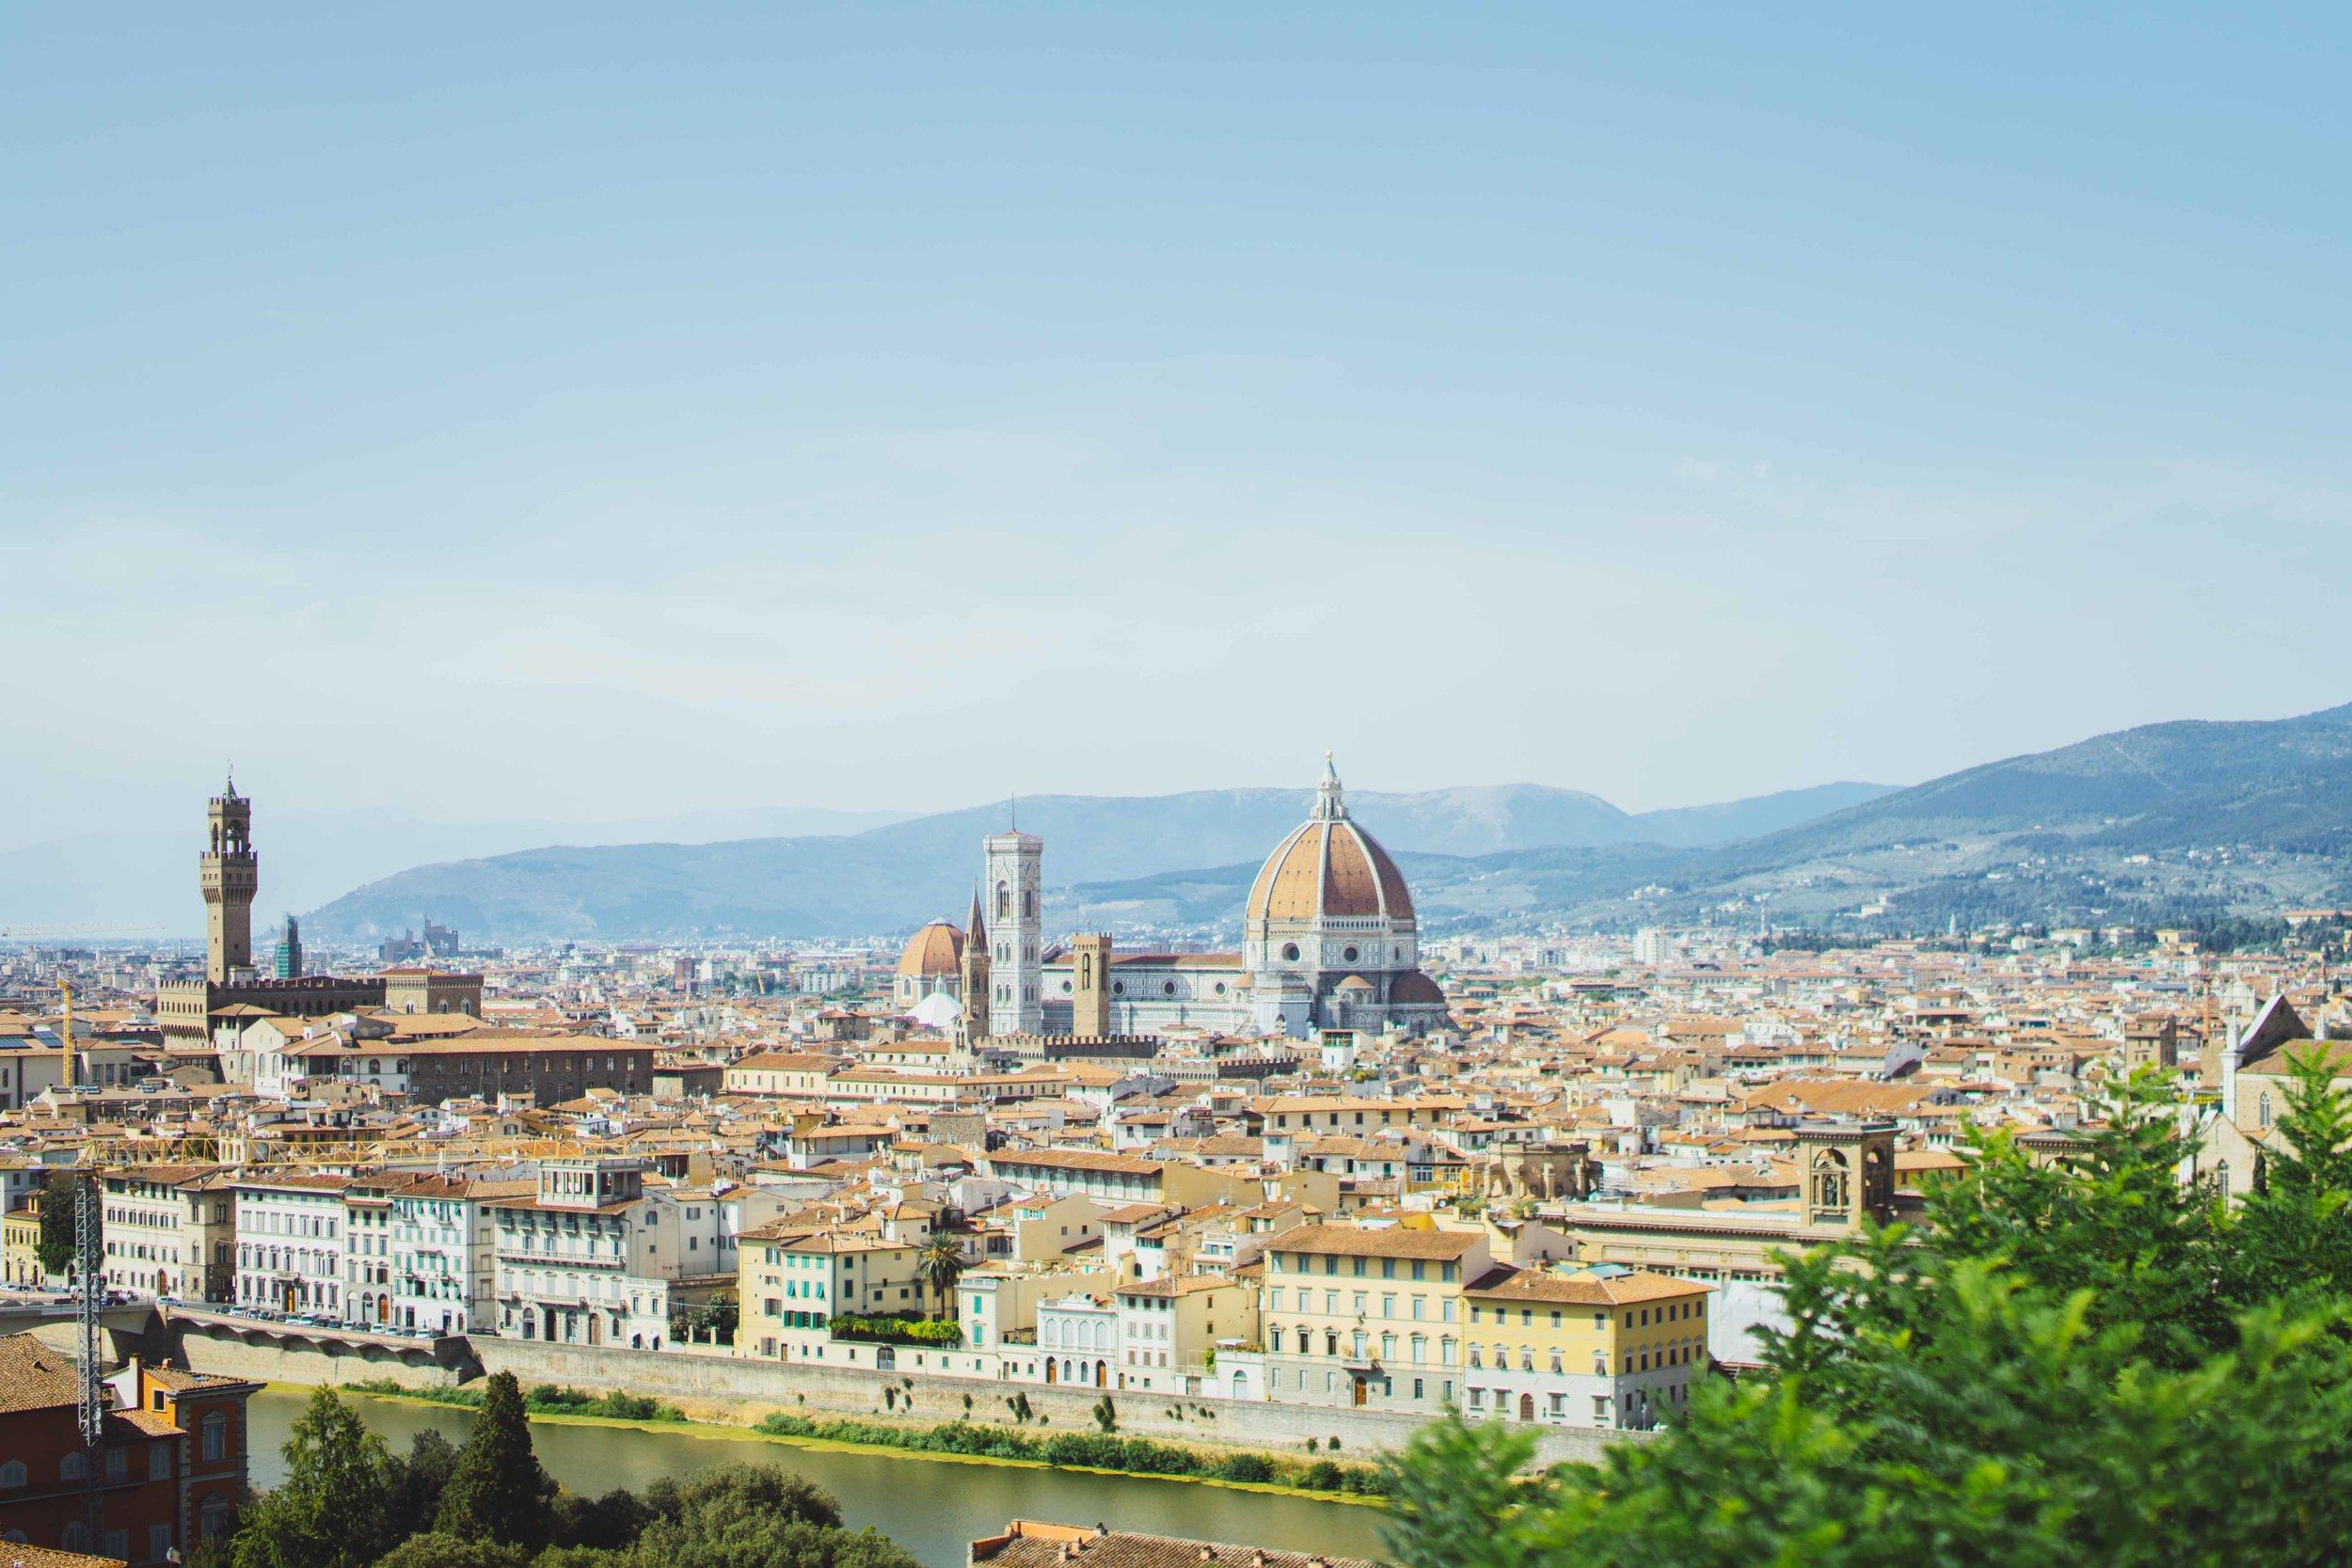 La città di Firenze vista da Piazzale Michelangelo.